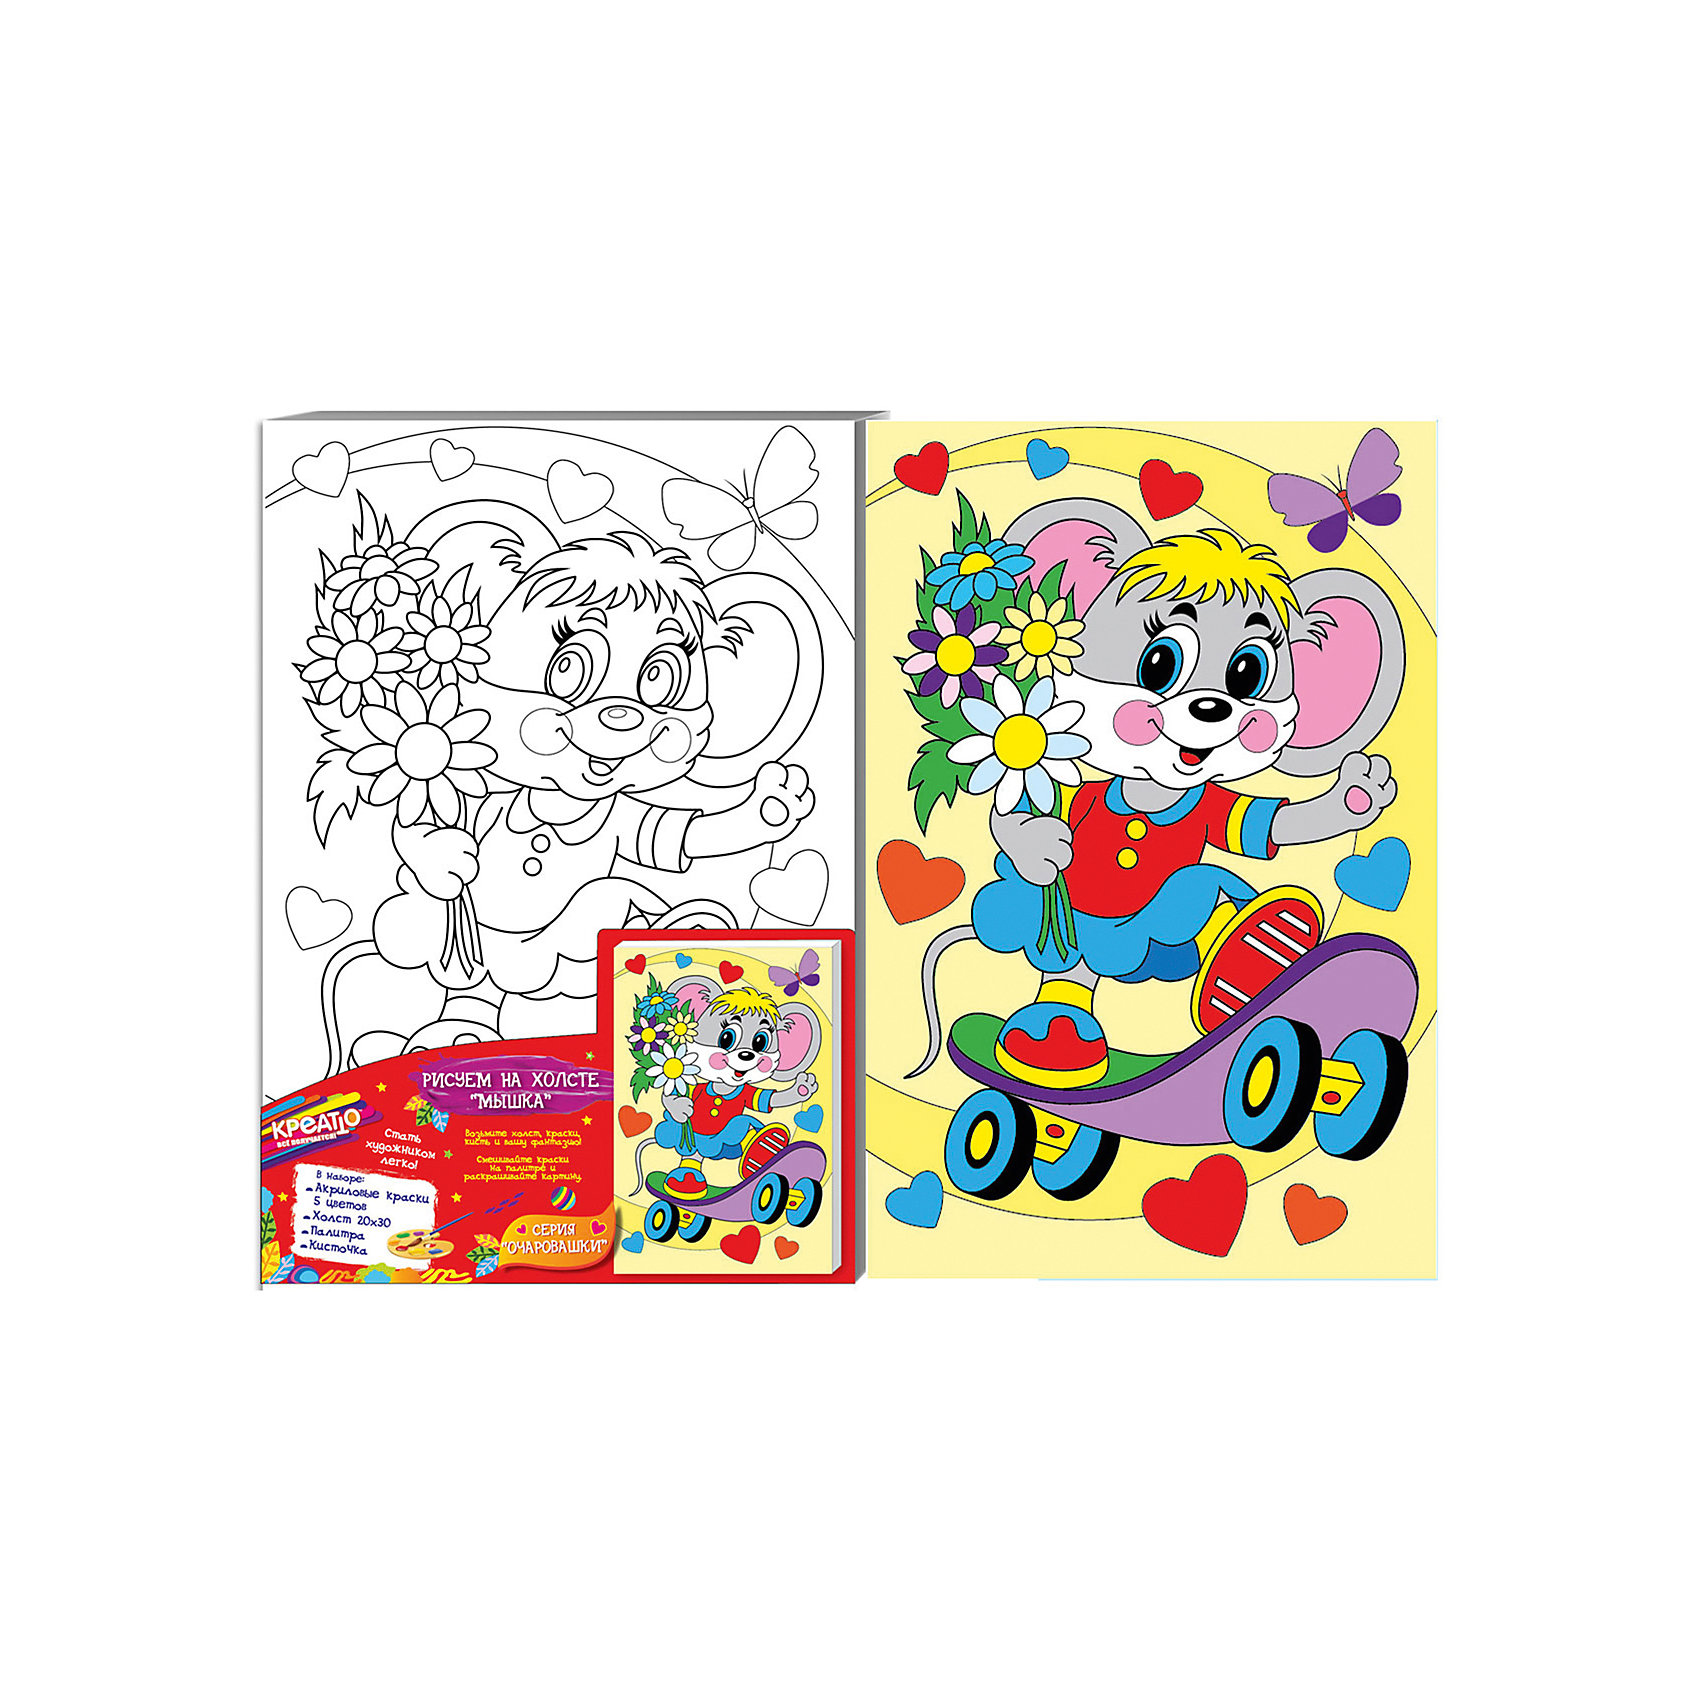 Роспись по холсту МЫШКА, 20Х30СМДобро пожаловать в мир КРЕАТТО! Предложите ребенку создать на холсте милую картинку «Мышка» из серии «Очаровашки». В наборе есть все необходимое. Выдавите краску из тюбиков на палитру, при желании смешайте цвета, получив новые оттенки, или разбавьте краски водой для придания им прозрачности. Если ошиблись, то просто закрасьте фрагмент новым цветом поверх подсохшей краски. Акриловые краски легко ложатся на холст, быстро сохнут, хорошо растворяются в воде, после высыхания становятся водонепроницаемыми. У юного художника получится яркая картина с изображением мышки на самокате, которую можно поставить на видное место. А во время работы с холстом у ребенка развивается мелкая моторика, художественный вкус, воображение, умение рисовать и сочетать цвета.&#13;<br>В наборе: плотный отбеленный загрунтованный холст с контурным рисунком, натянутый на деревянную рамку (20х30 см); 5 ярких цветов акриловых красок в металлических тубах; палитра; кисточка. Товар сертифицирован. Срок годности: 3 года.<br><br>Ширина мм: 200<br>Глубина мм: 300<br>Высота мм: 15<br>Вес г: 244<br>Возраст от месяцев: 36<br>Возраст до месяцев: 84<br>Пол: Унисекс<br>Возраст: Детский<br>SKU: 5016380